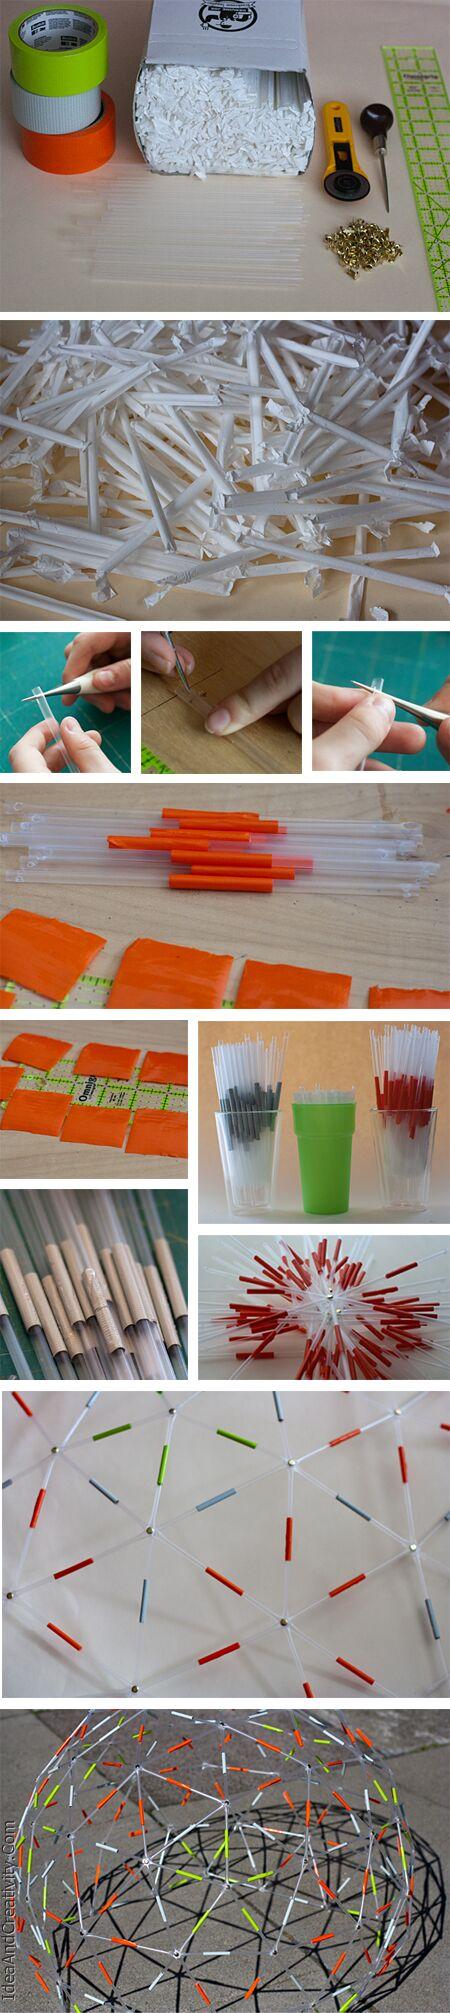 straw (12)